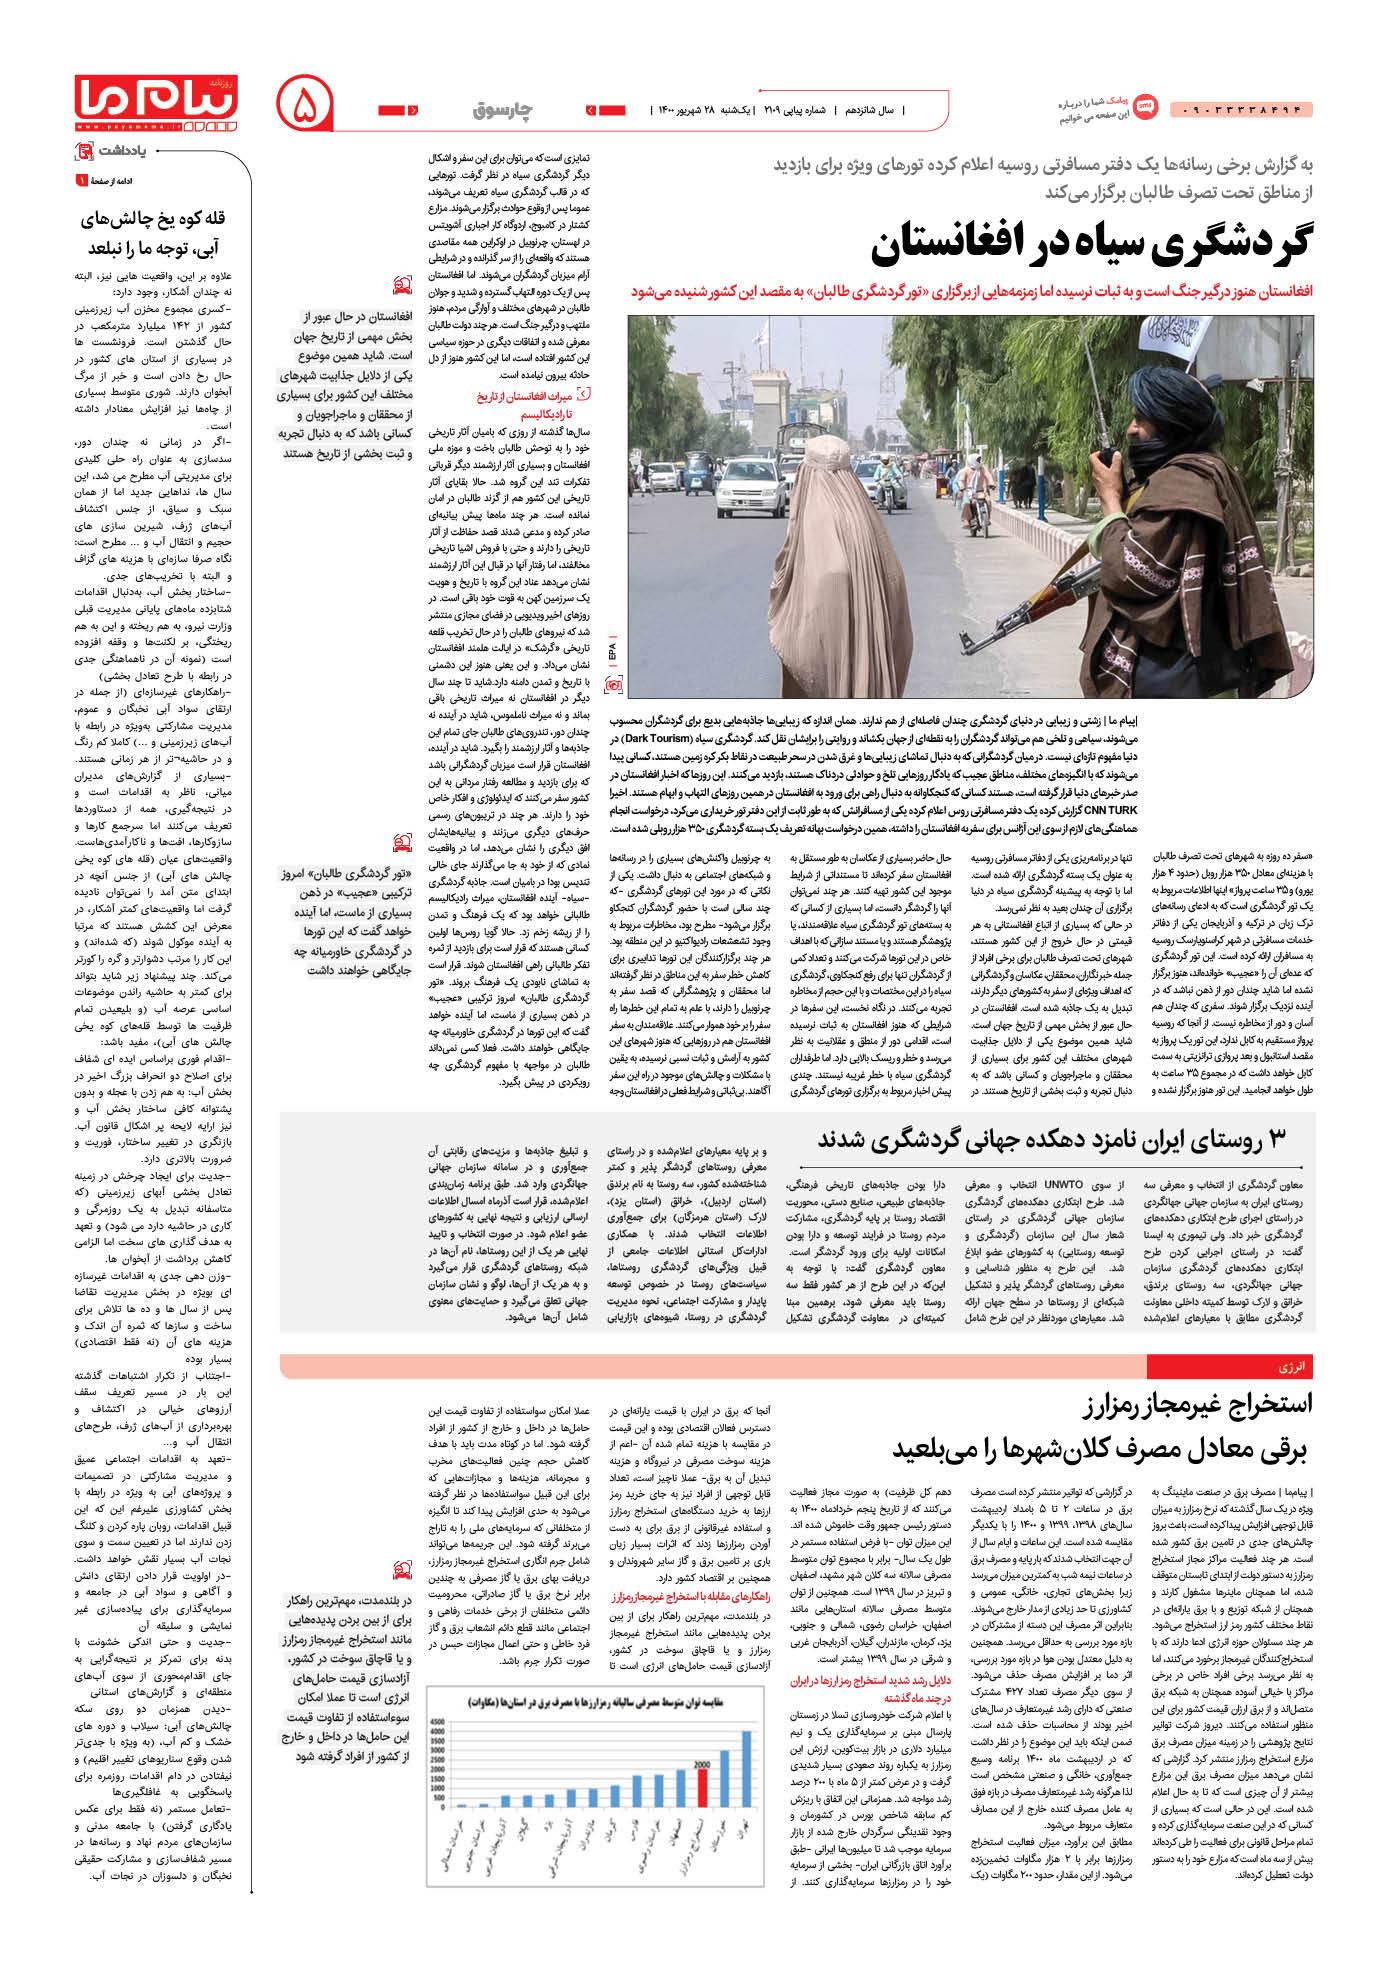 صفحه چارسوق شماره 2109 روزنامه پیام ما